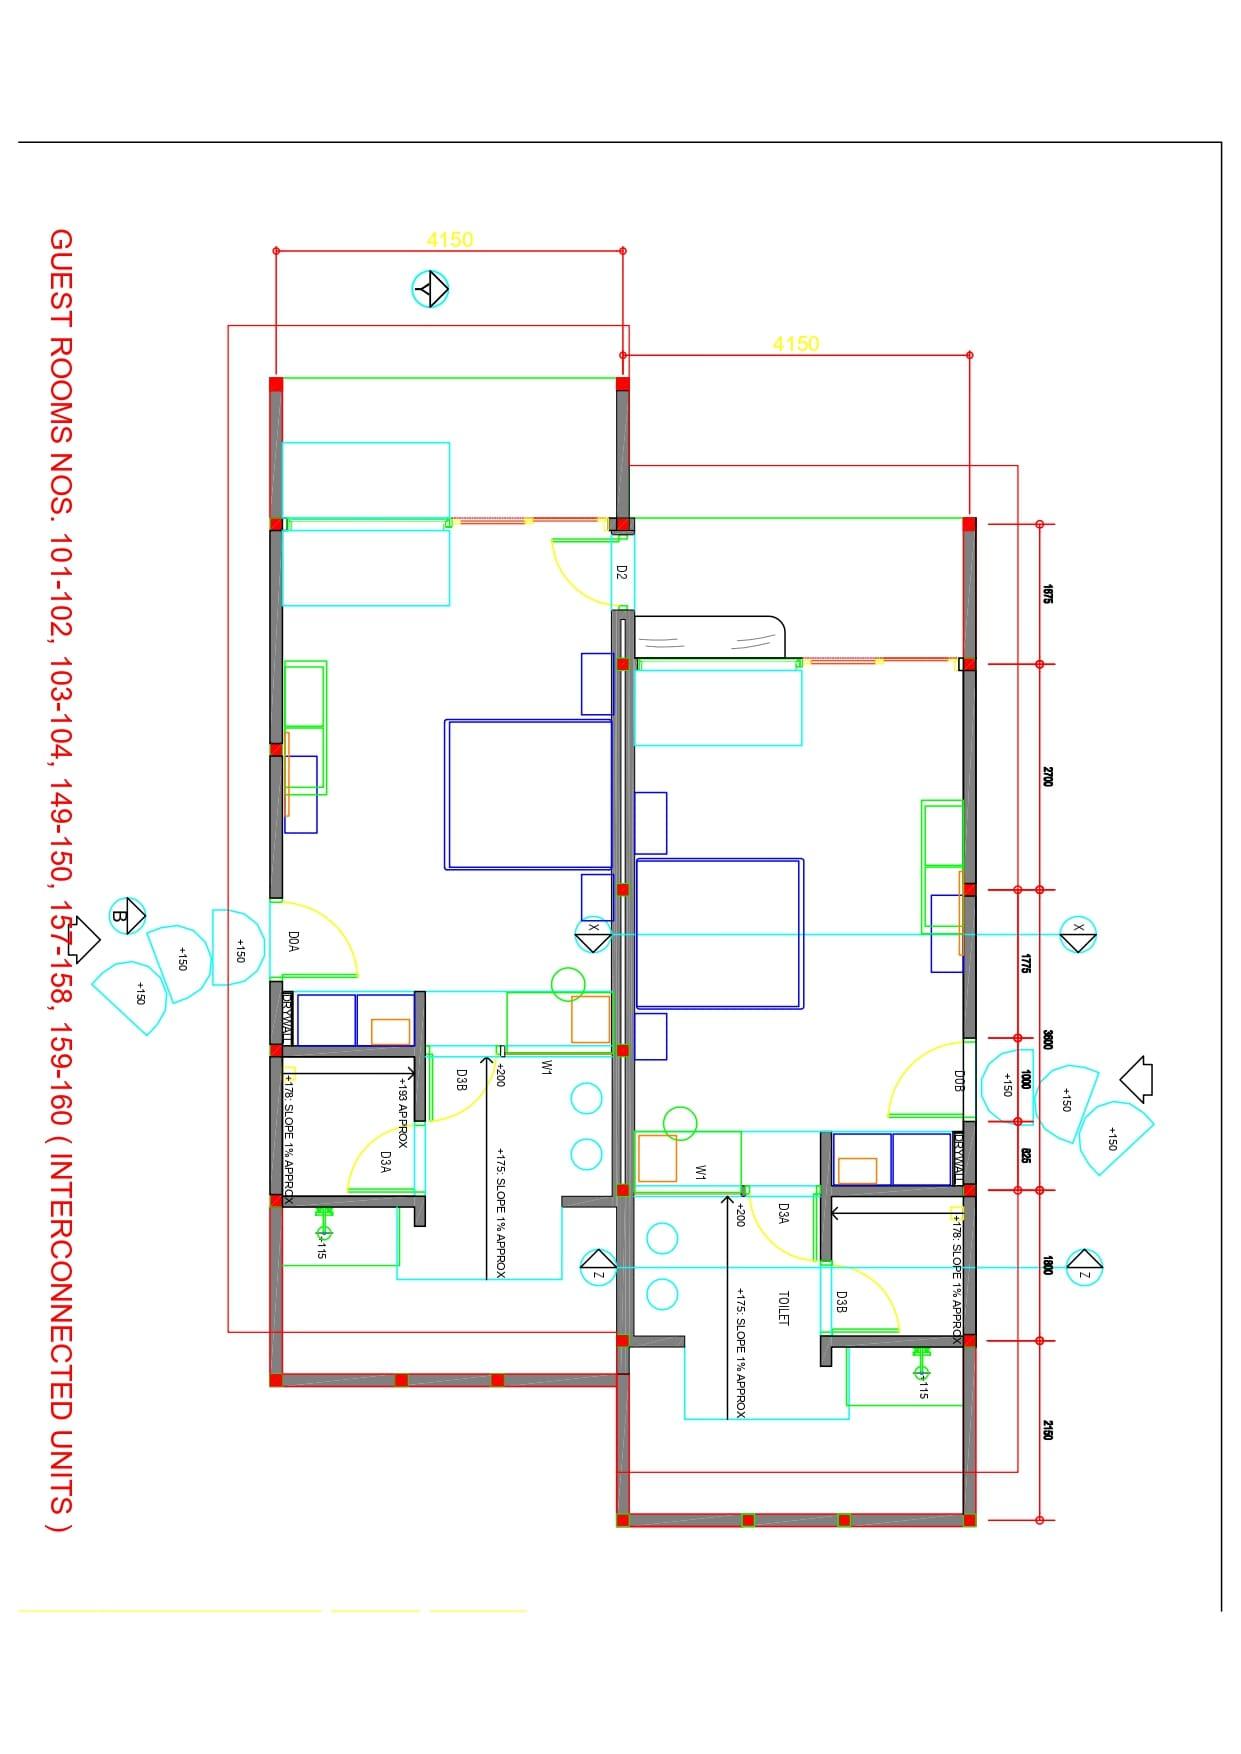 Мальдивы, отель Cocoon Maldives, план-схема номера Family Beach Villa